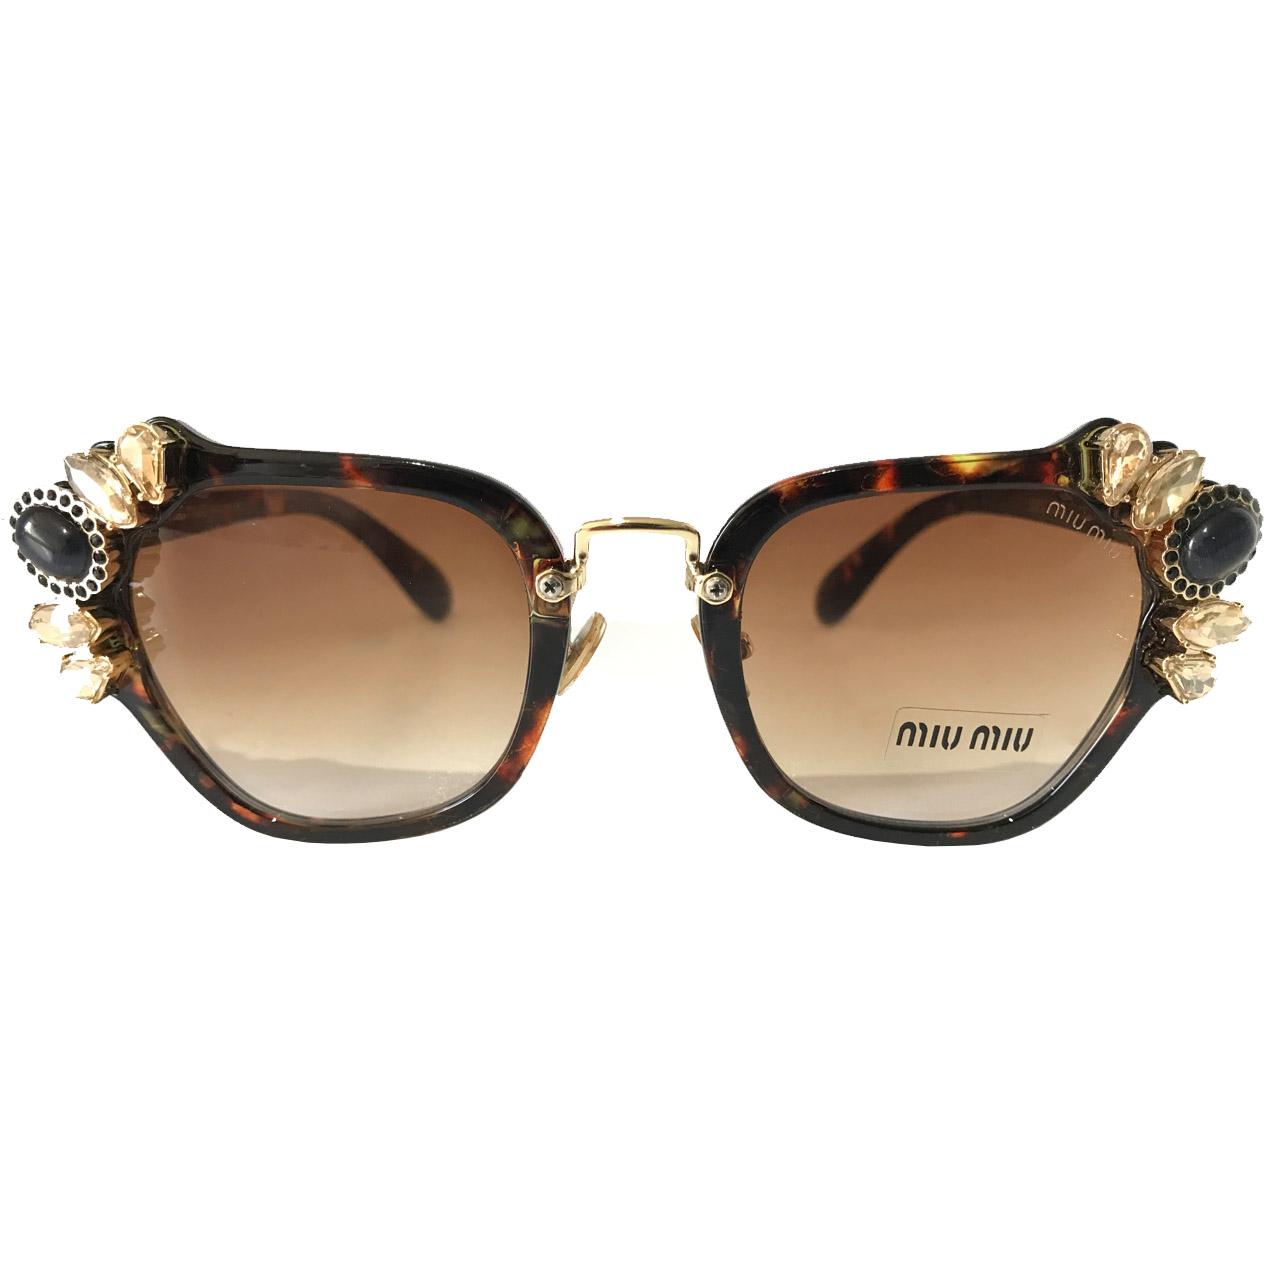 عینک آفتابی زنانه میومیو مدل SMU03/S-1 به همراه جاسوییچی چرم طبیعی طرح کفش هدیه